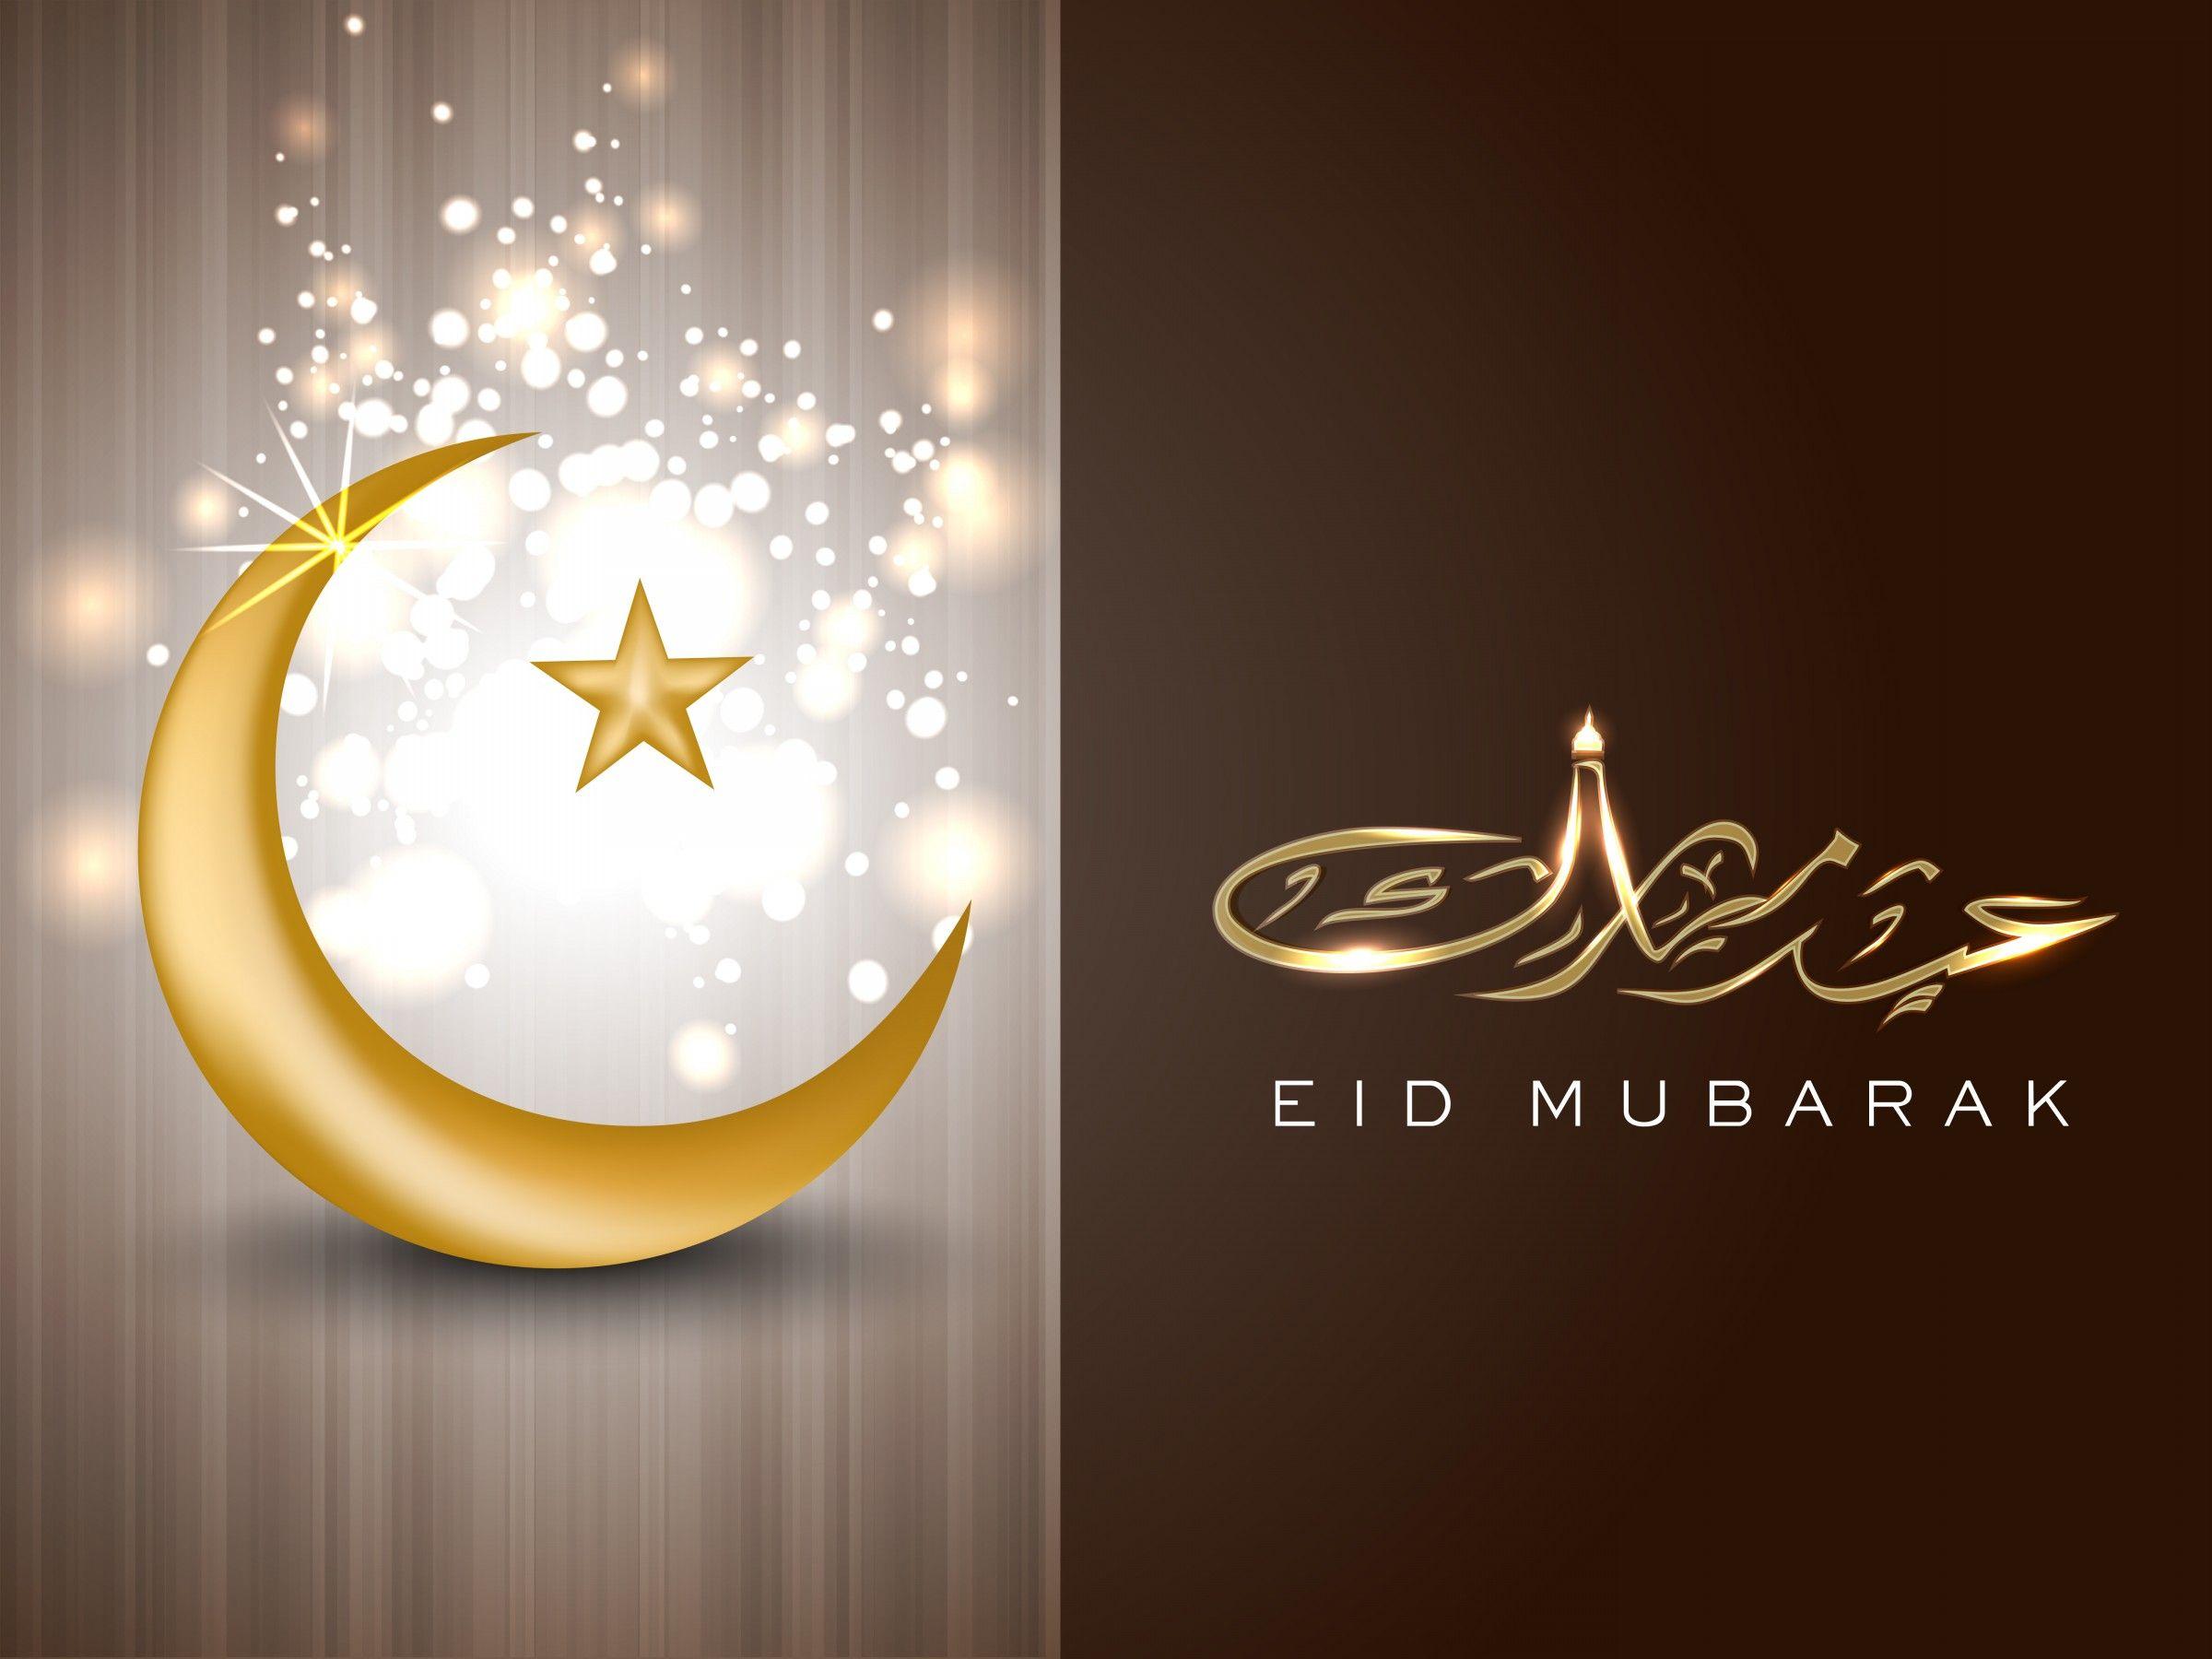 English + Arabic - Eid al-Adha Photos HD, Eid Mubarak ...